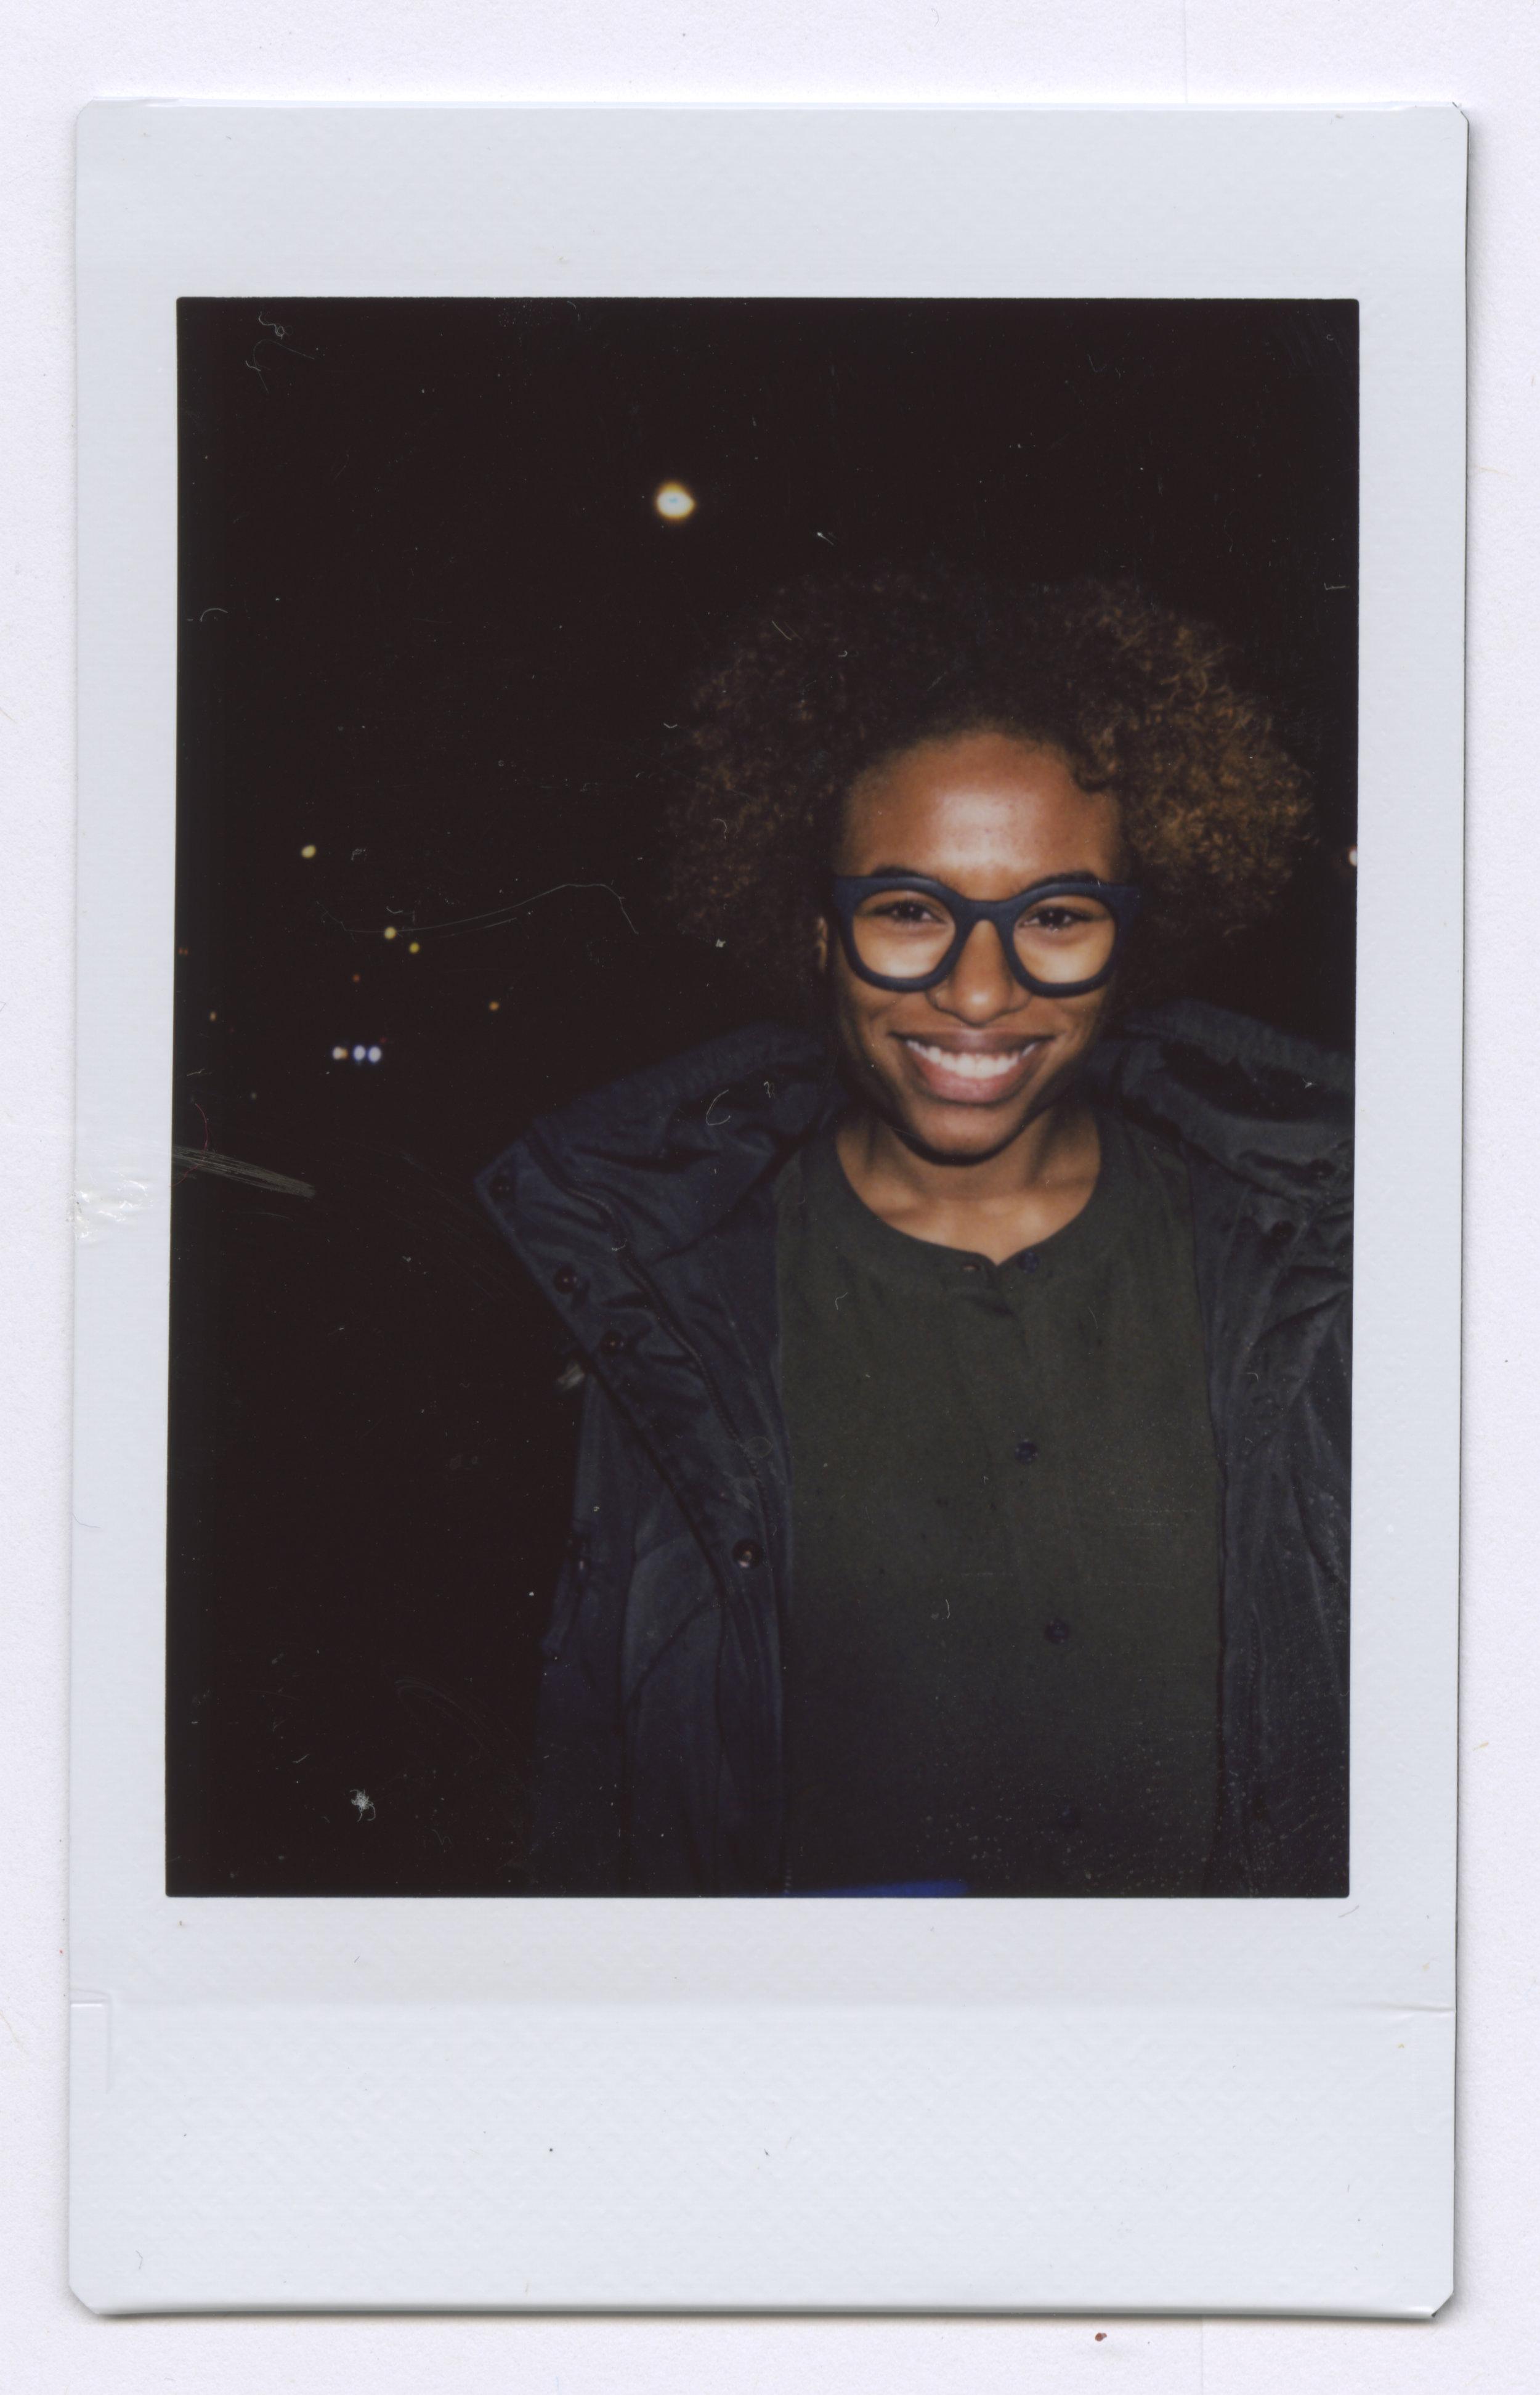 Claudie_polaroid.jpg